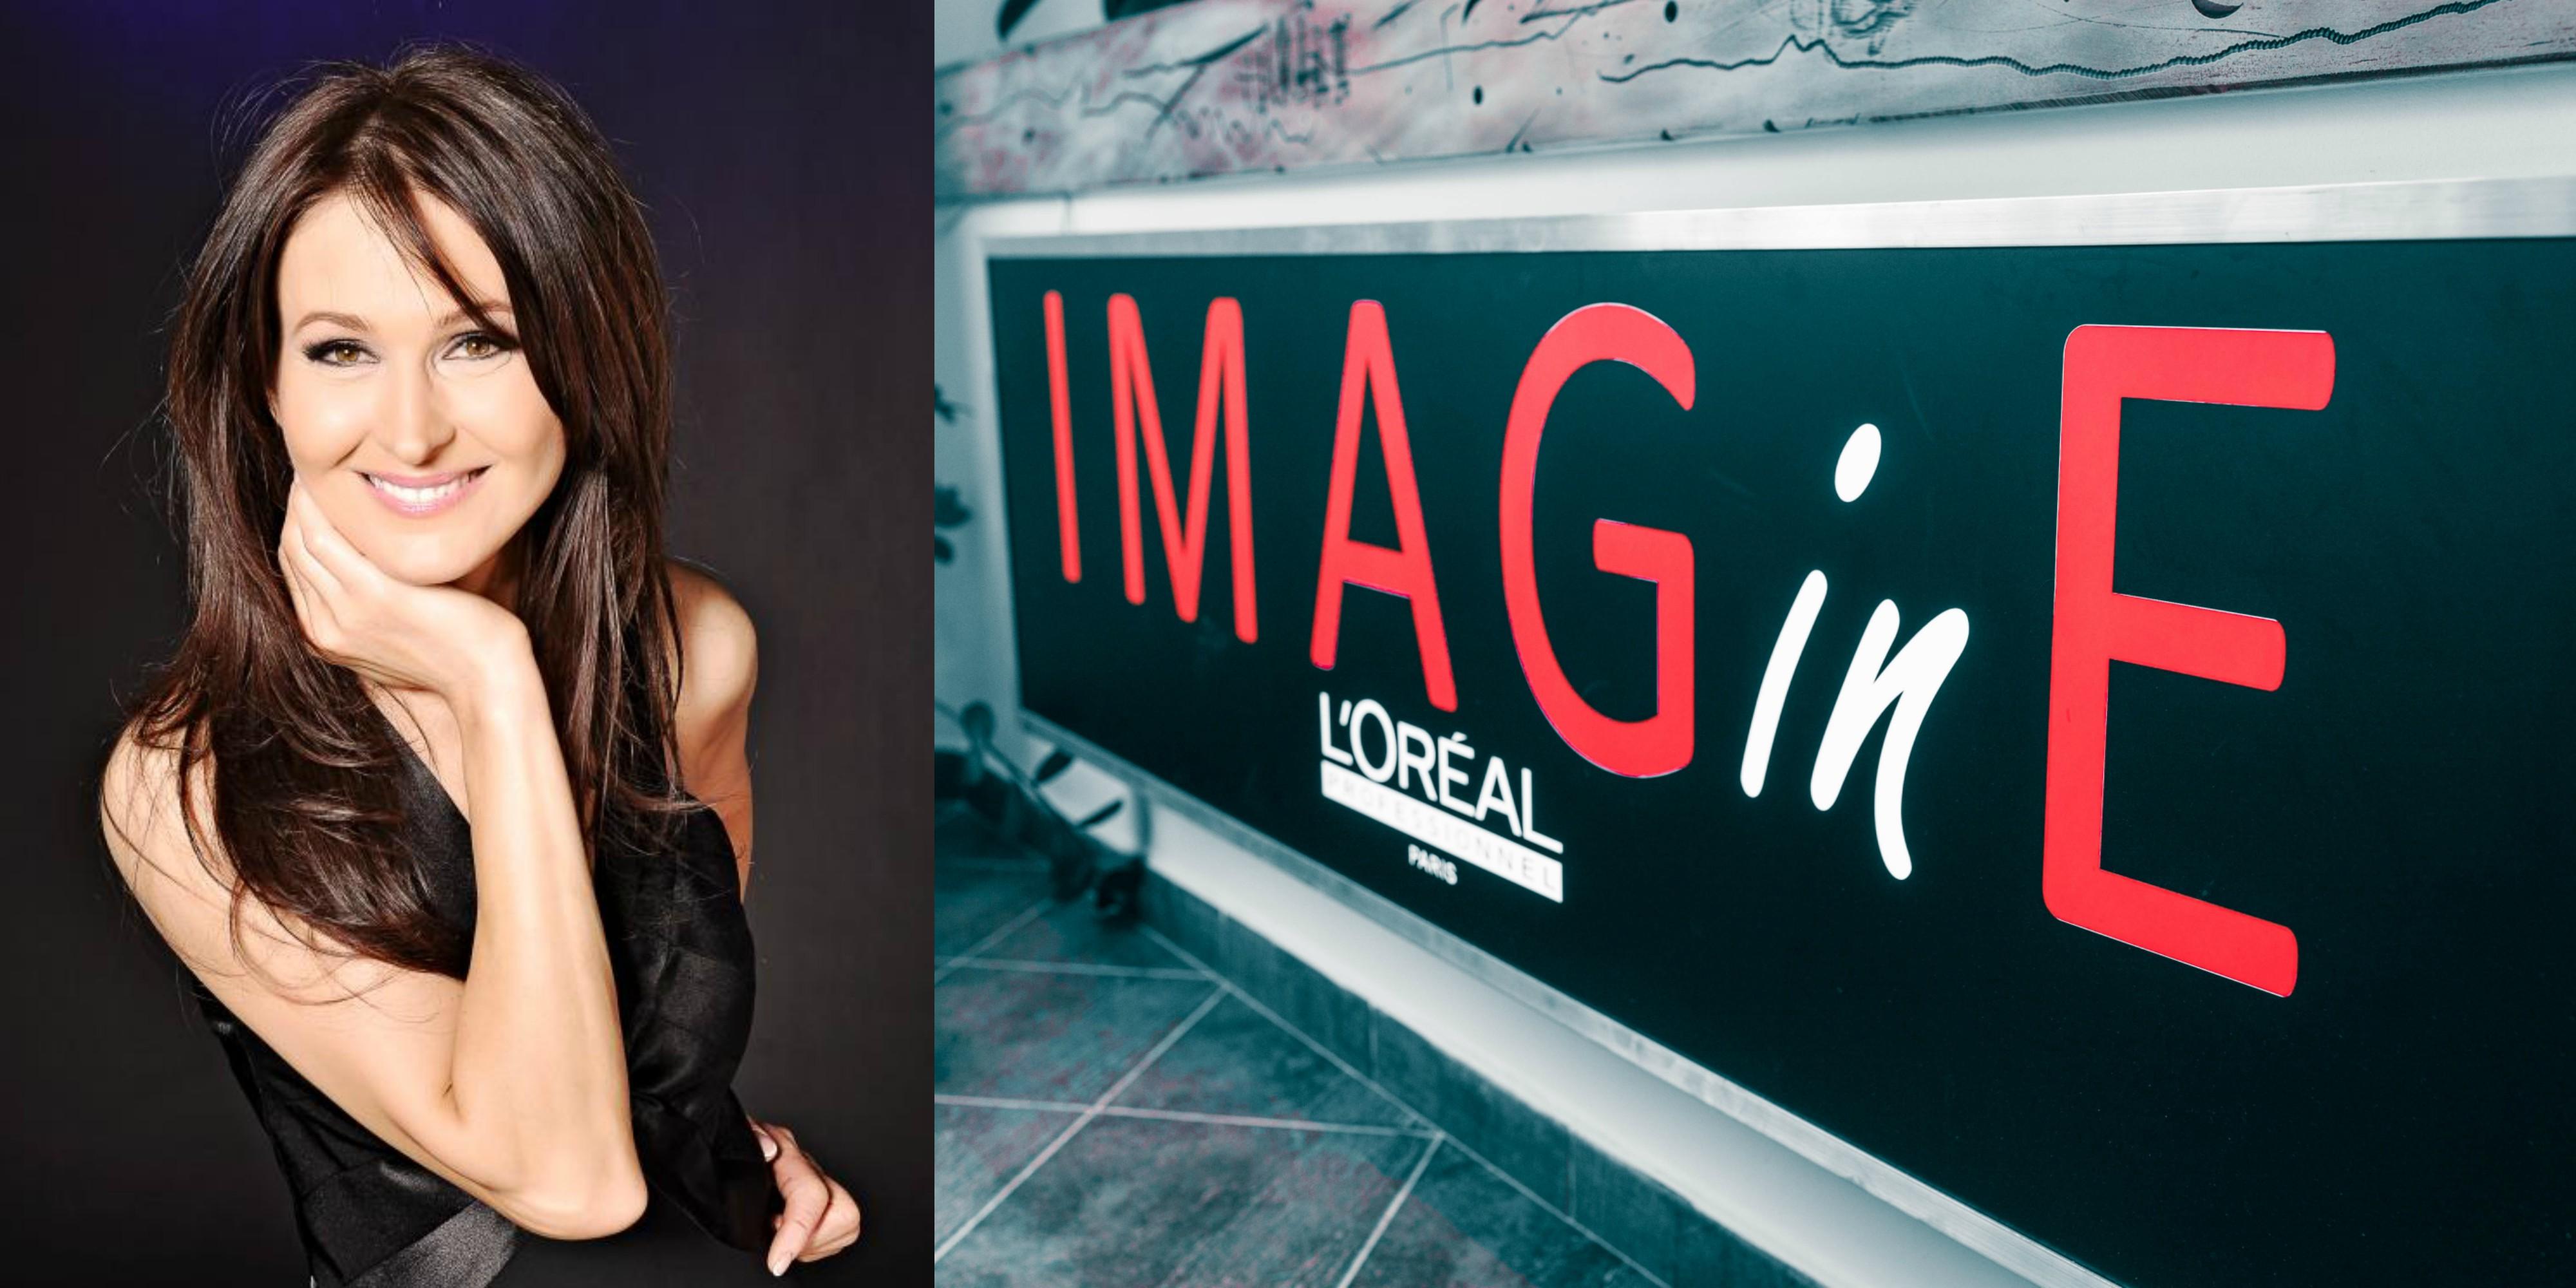 Vendégírónk, Kepler Laura egy igazán egyedi és különleges interjút készített az Imagine szalon tulajdonosával és szakmai vezetőjével, Ternyák Katával. A mesterfodrász kendőzetlenül mesél a múltjáról, inspirációjáról, céljairól és egyedi szemléletéről. <br /> <br /> Teljesen magával ragadó és kedves interjú következik, egy hűséges vendég tollából.